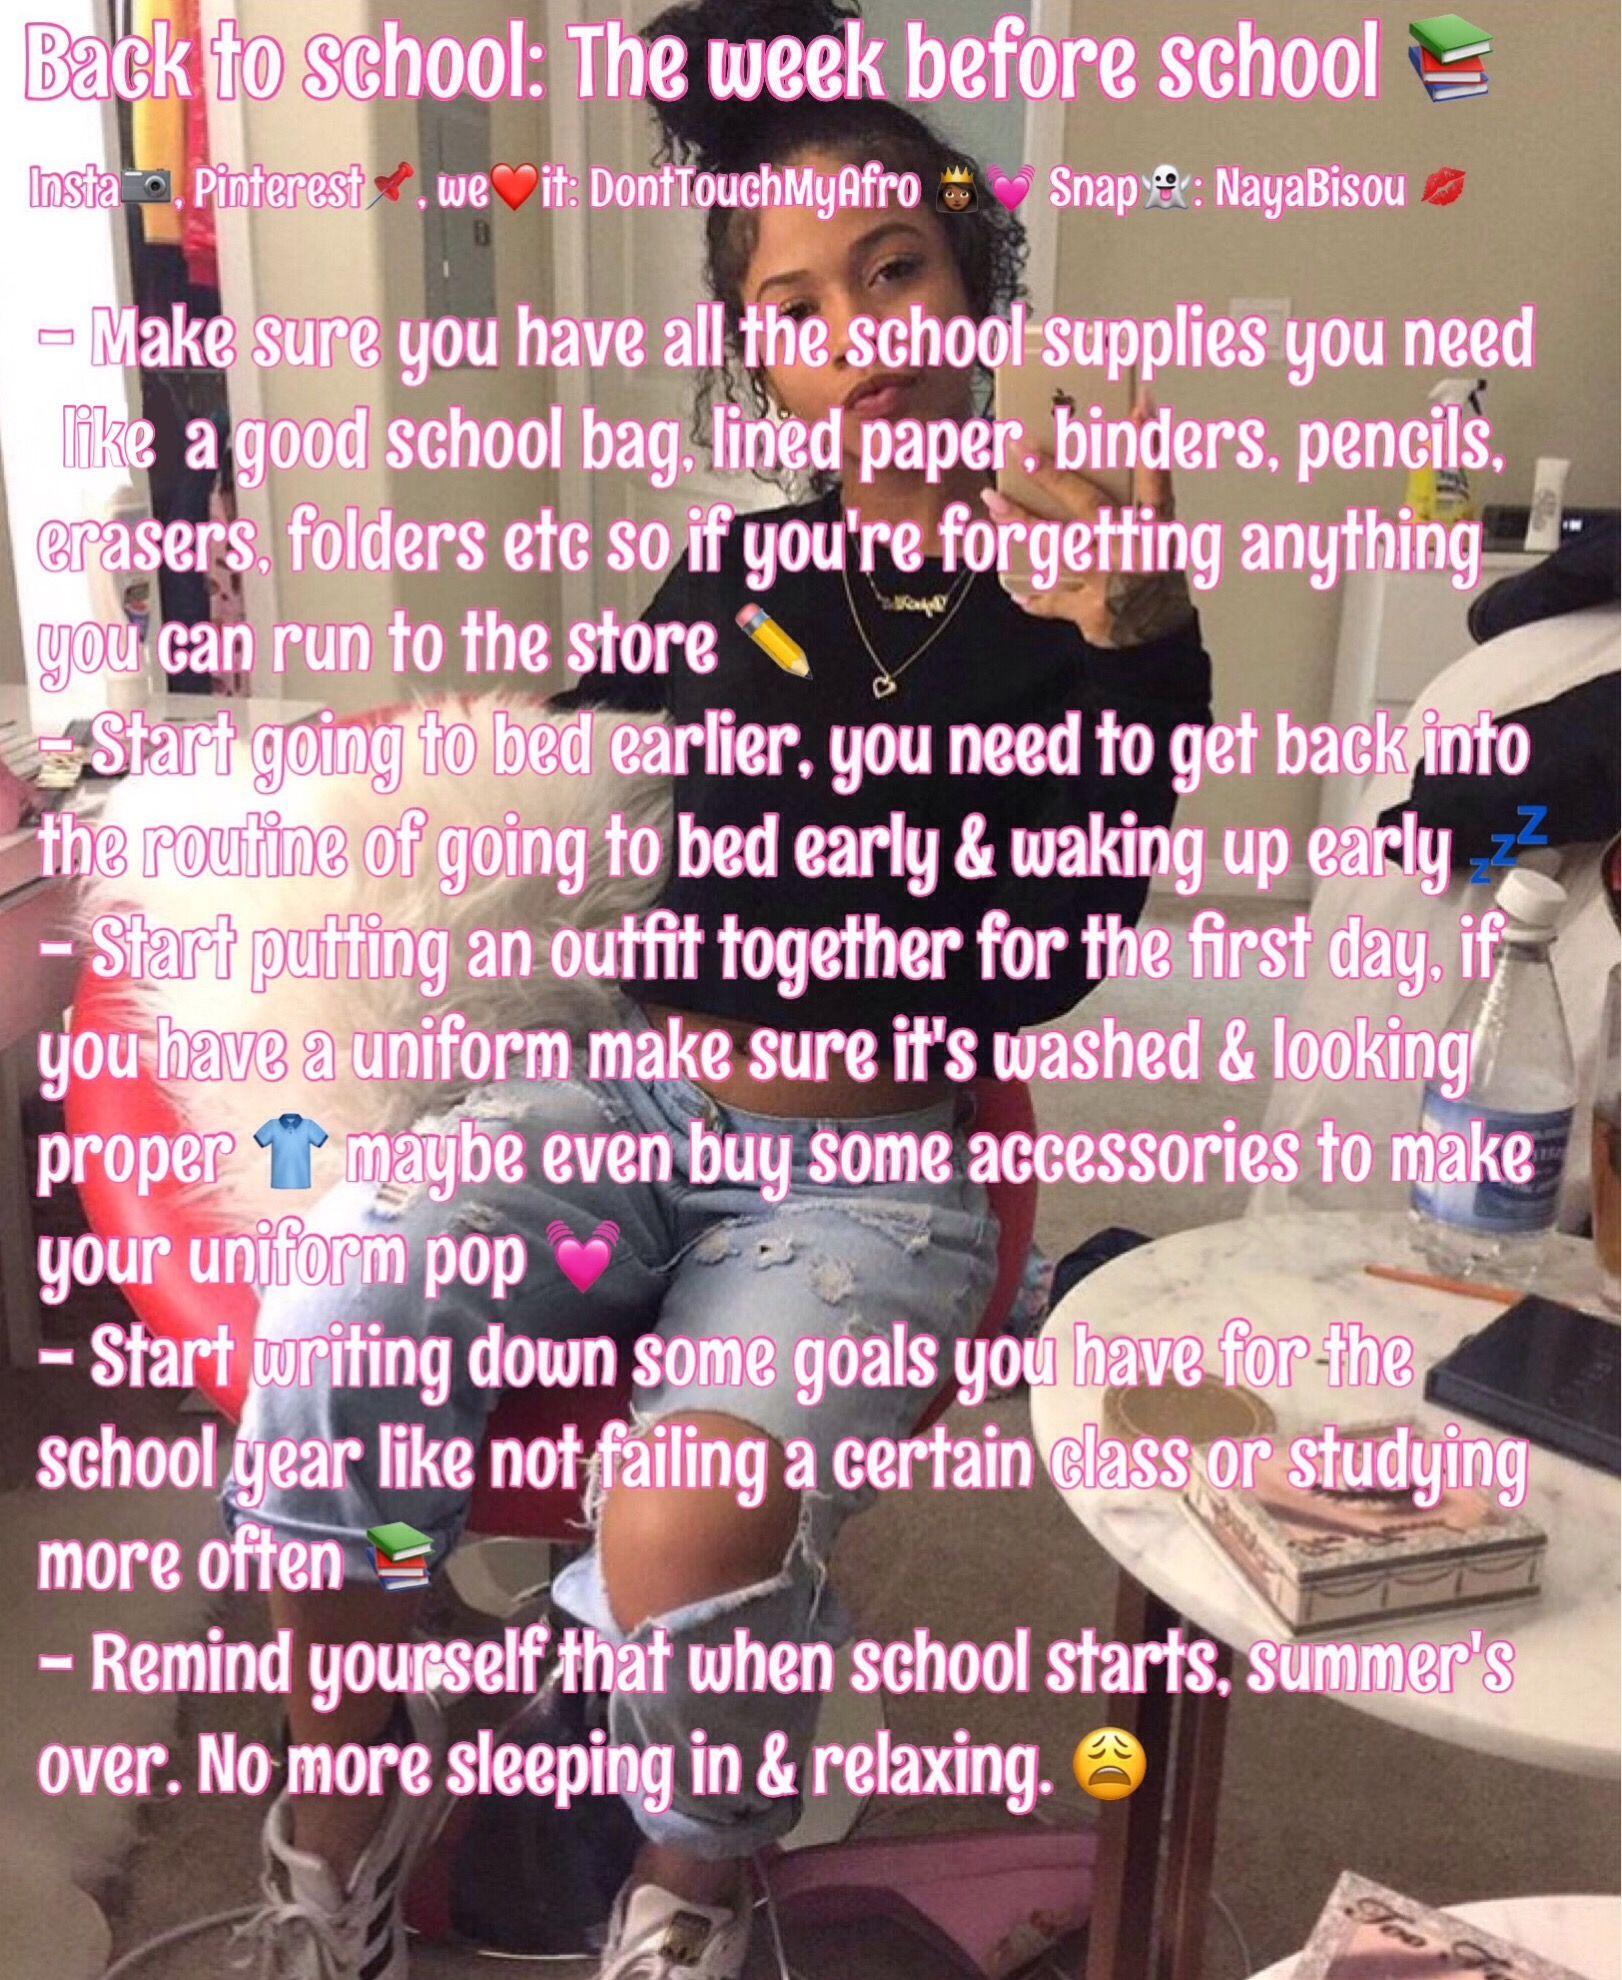 DontTouchMyAfro | ⓓⓞⓝⓣⓣⓞⓤⓒⓗⓜⓨⓐⓕⓡⓞ | Pinterest | School